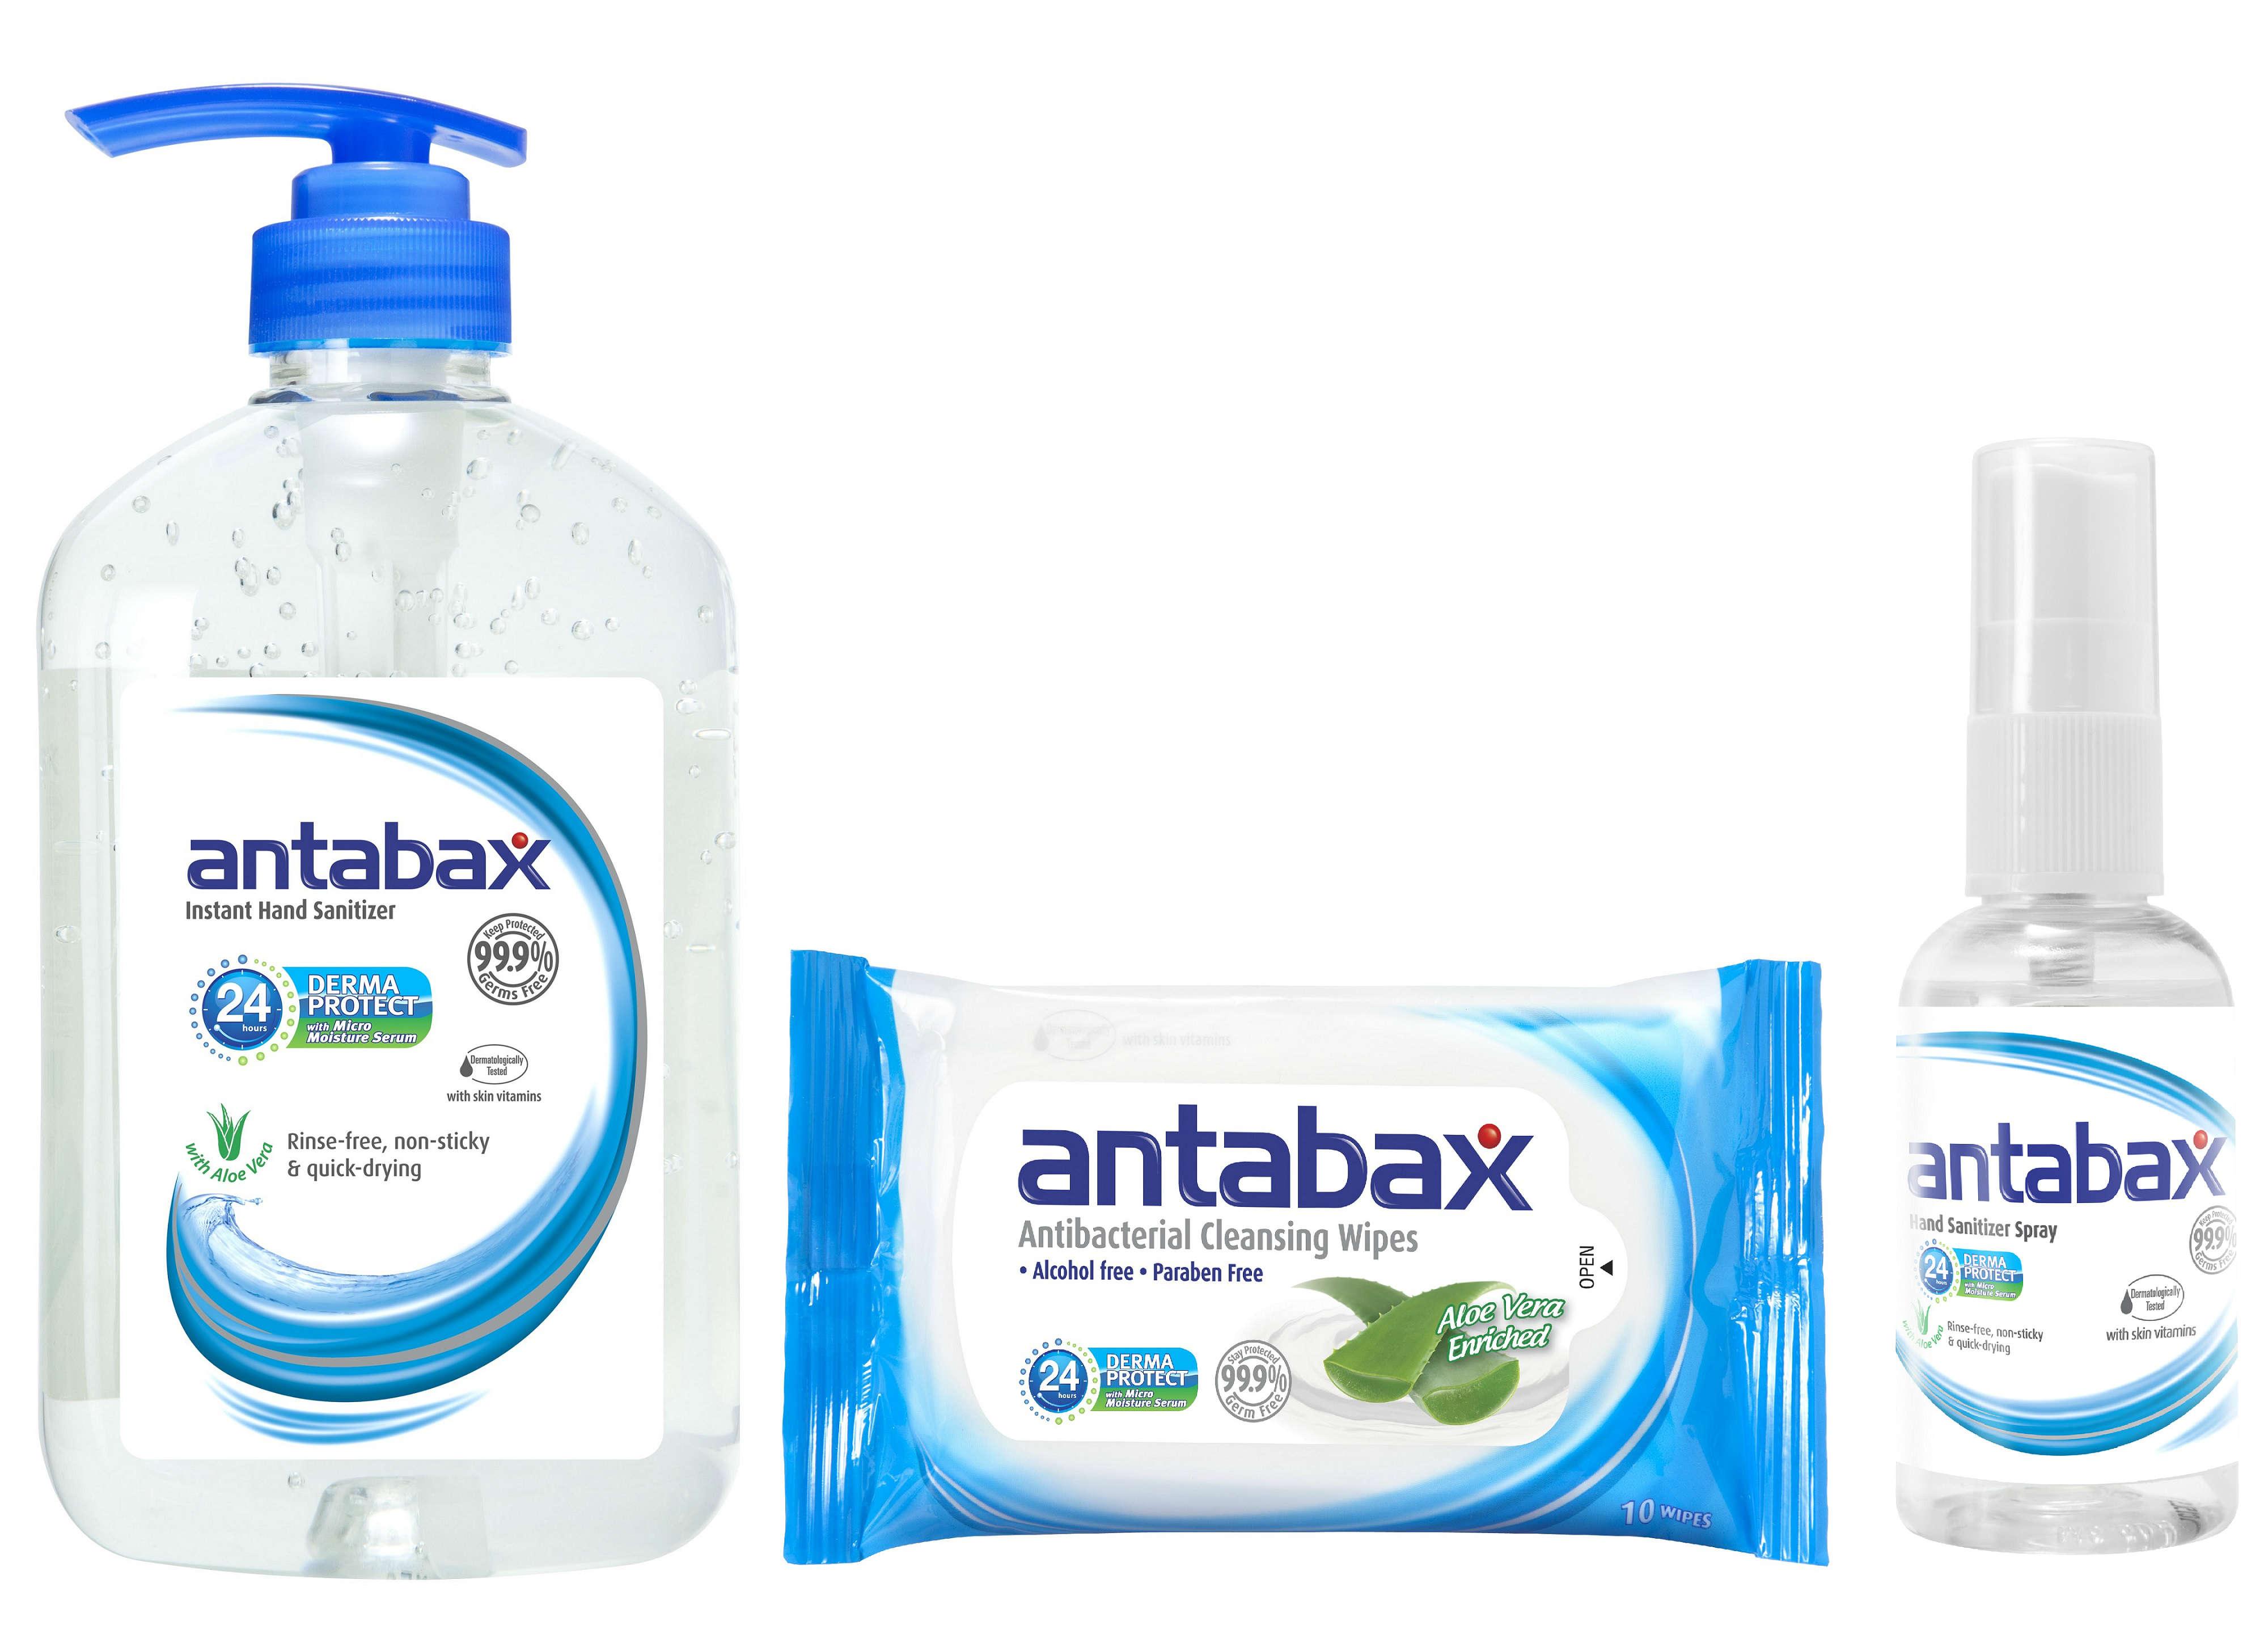 Antabax Berkongsi Tips dan Kegunaan Harian Rangkaian Produk Antibakteria Untuk Mengurangkan Risiko Jangkitan HFMD